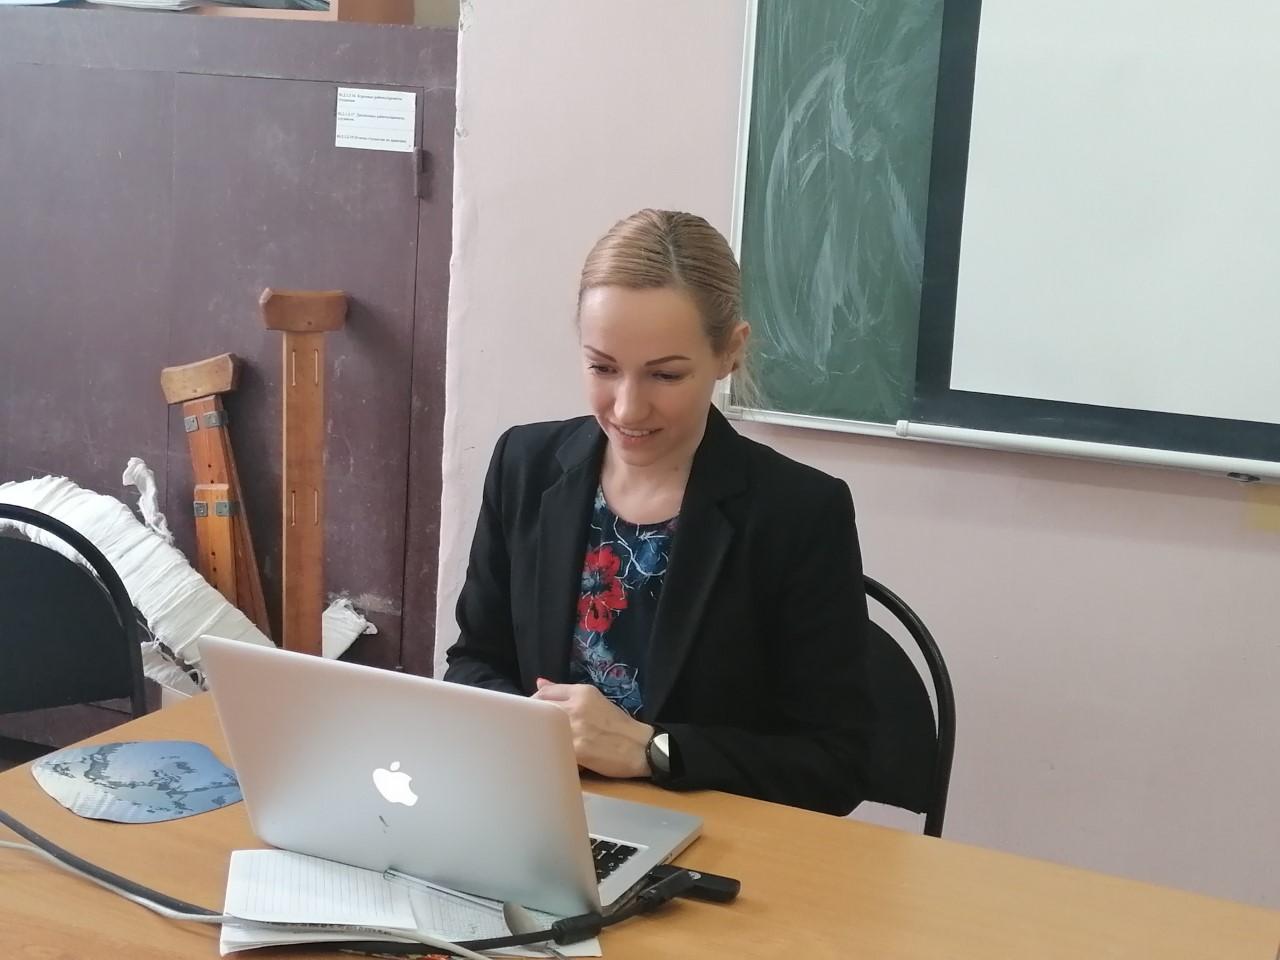 Мининский университет провел вебинар «Мониторинг итогового уровня физического состояния обучающейся молодежи на основе экспресс диагностики физического состояния»